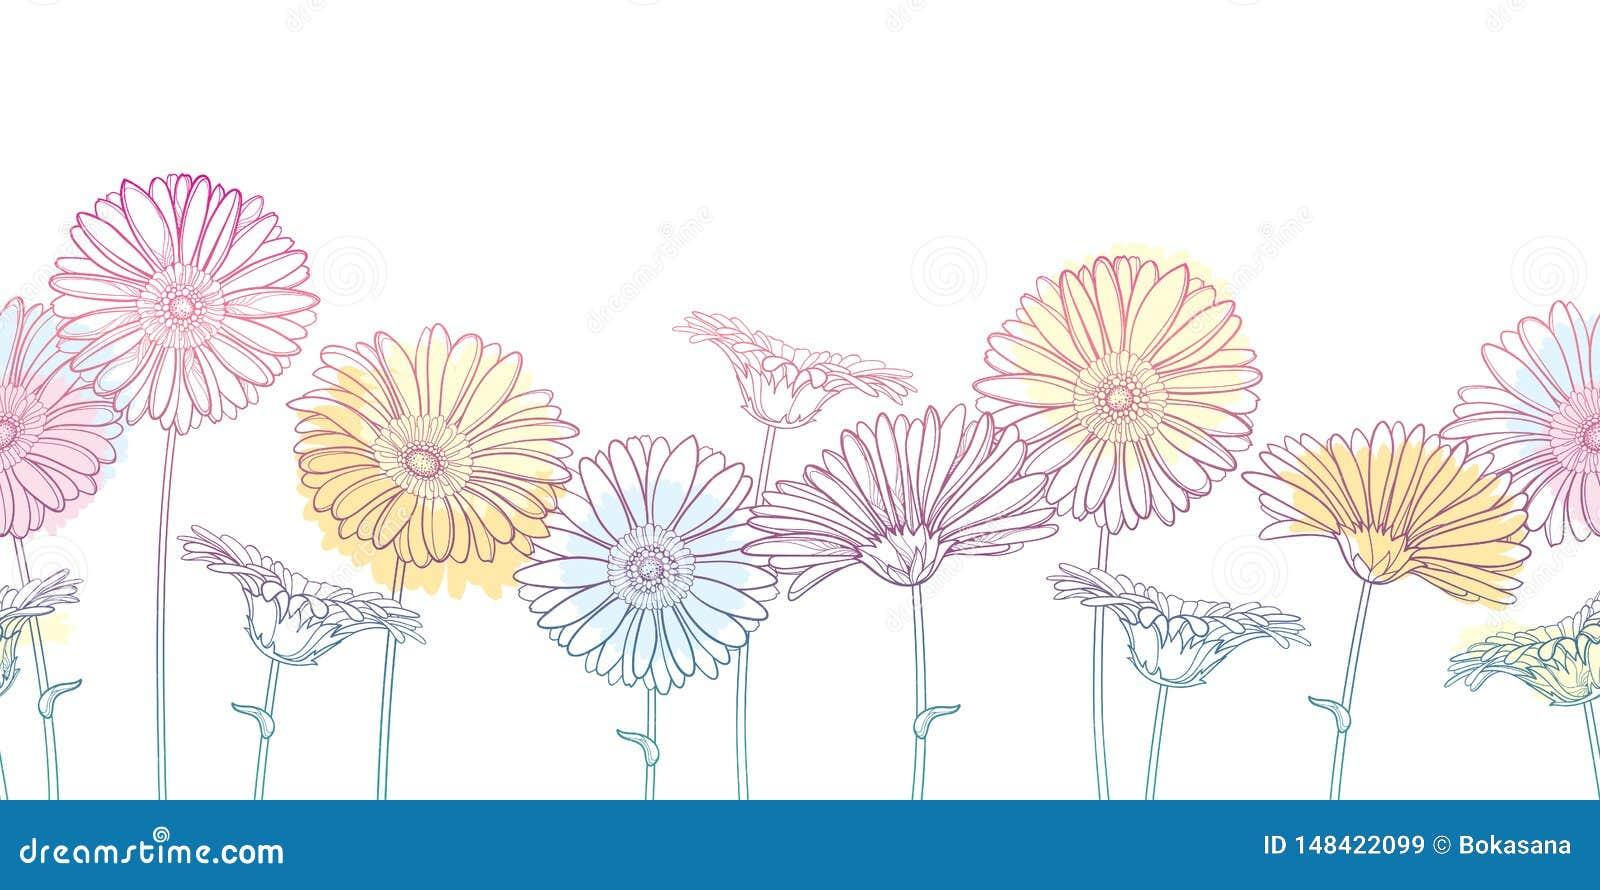 Το διανυσματικό οριζόντιο άνευ ραφής σχέδιο με την περίληψη Gerbera ή Gerber ανθίζει στο ροζ και το πορτοκάλι κρητιδογραφιών στο